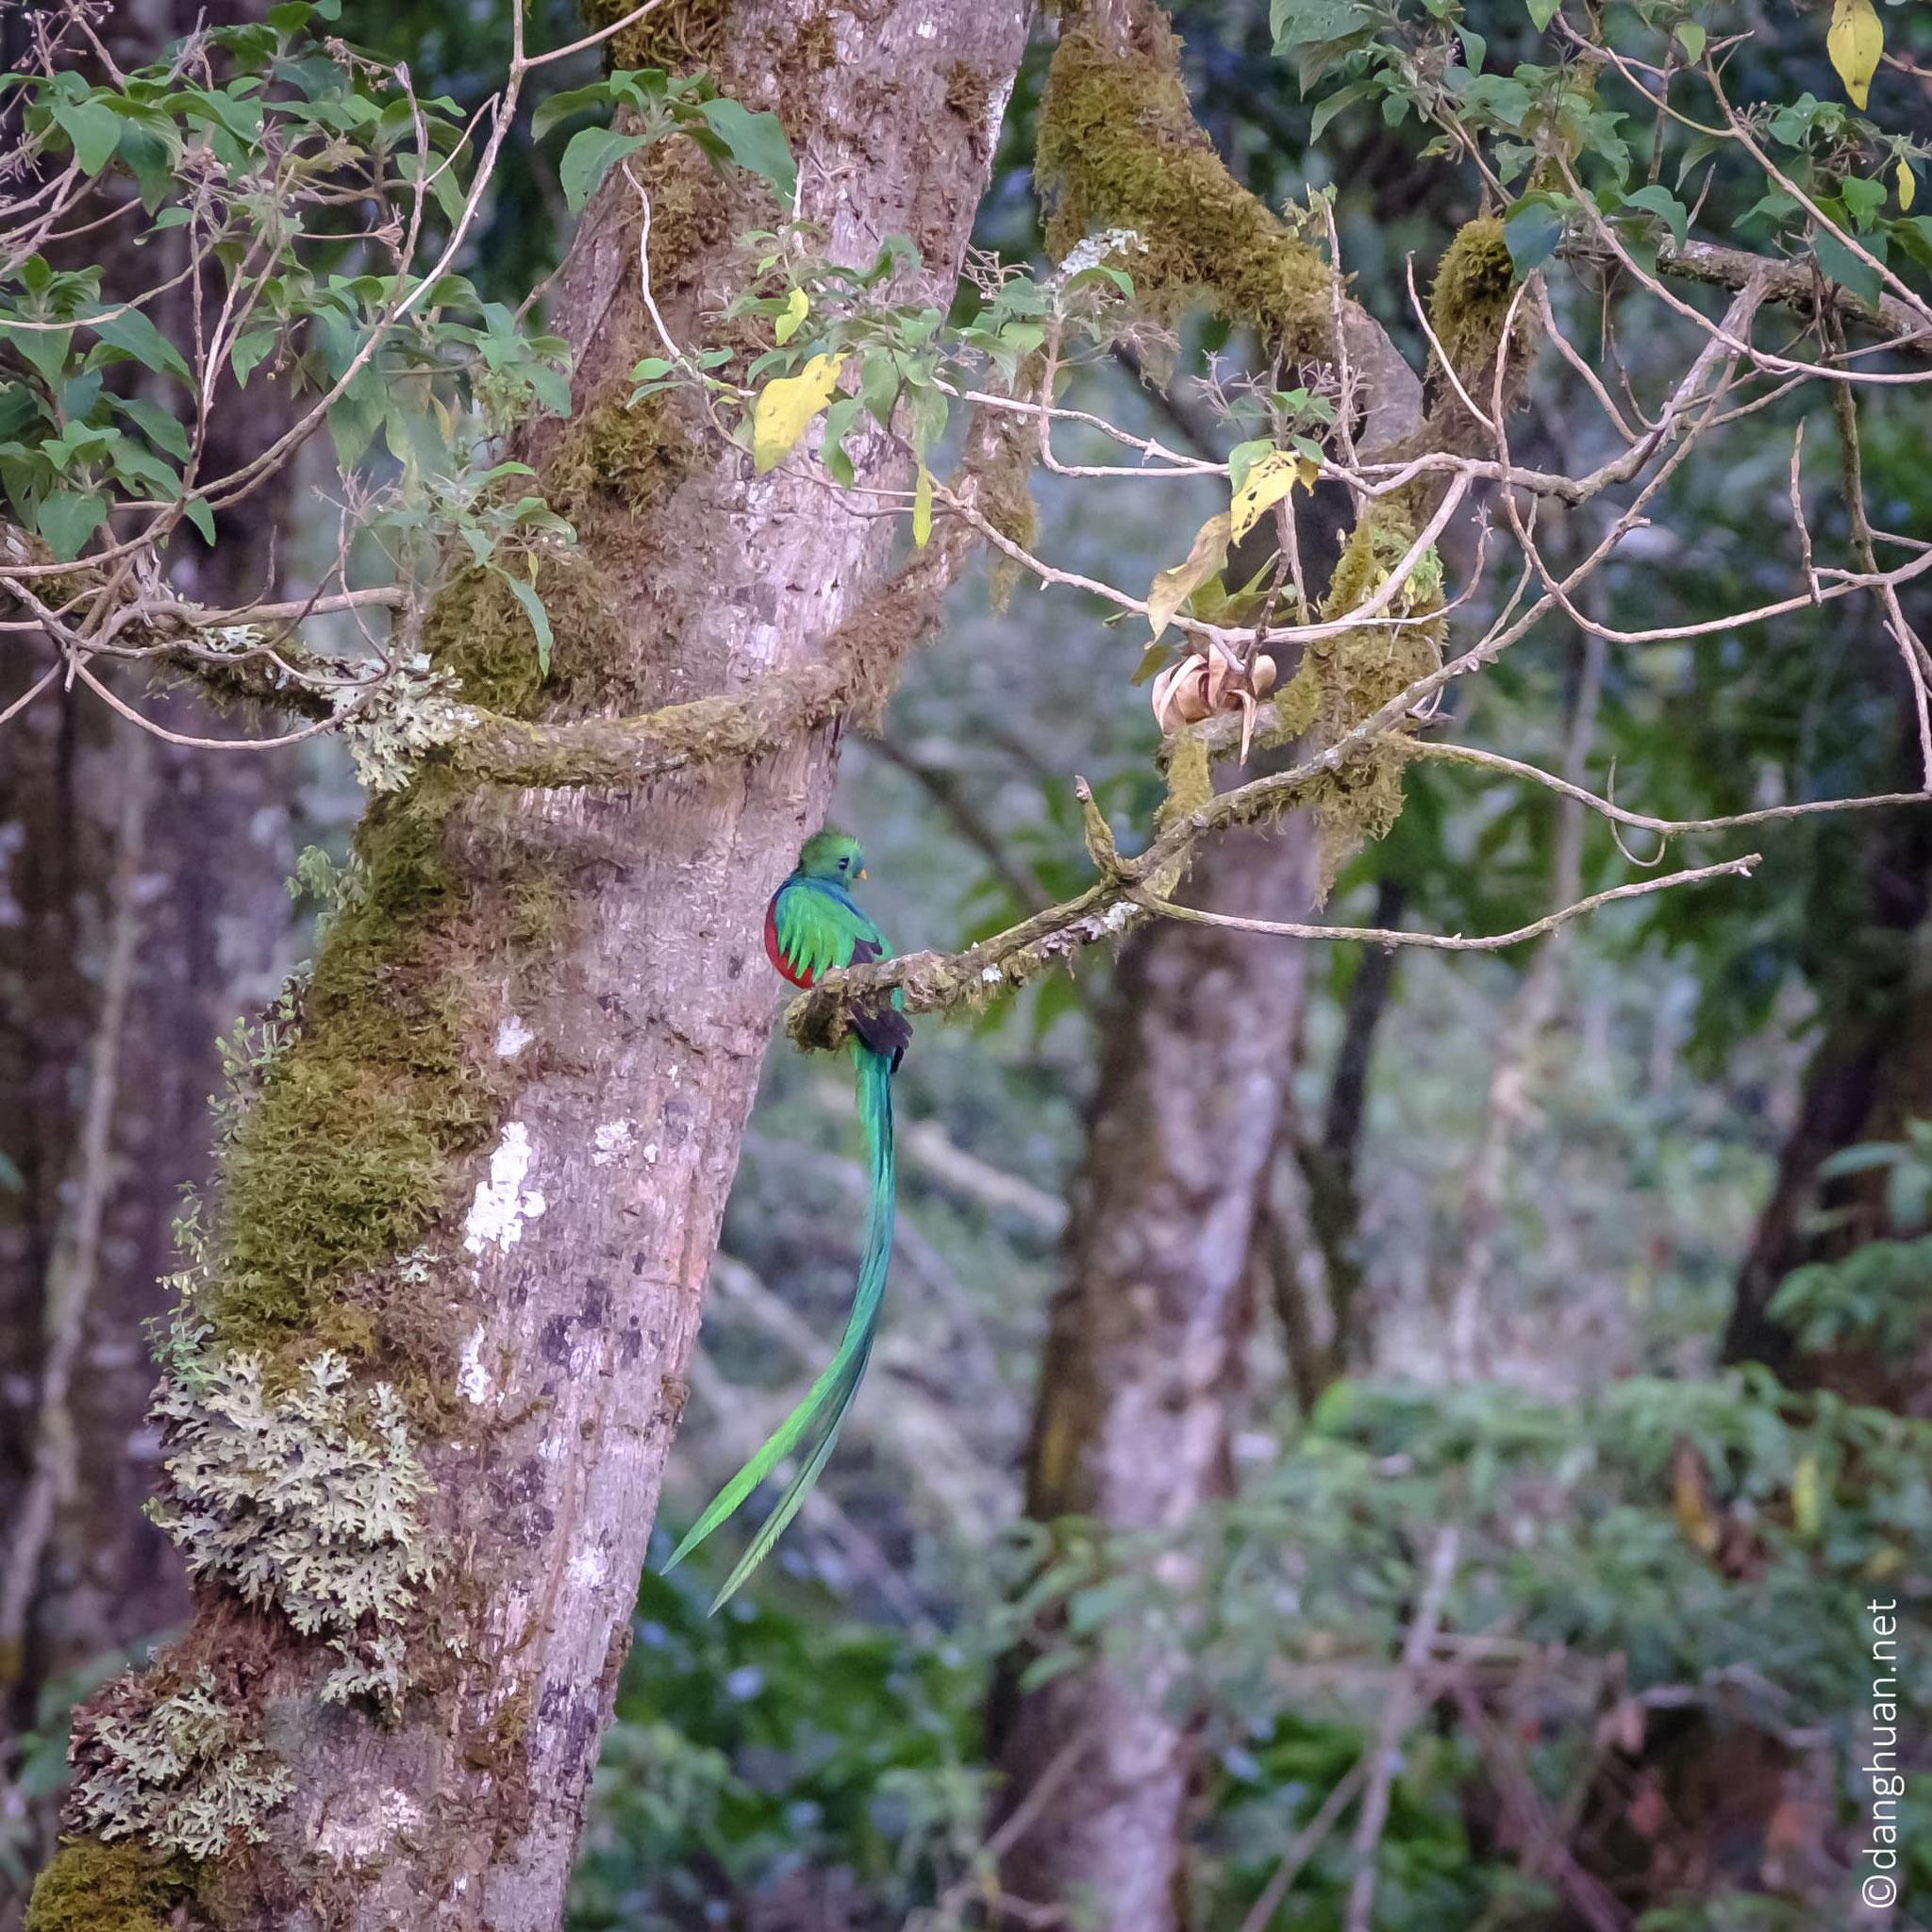 Le quetzal resplendissant mâle a un plumage vert iridescent, une poitrine rouge sang et des plumes de queue de 60cm de long...